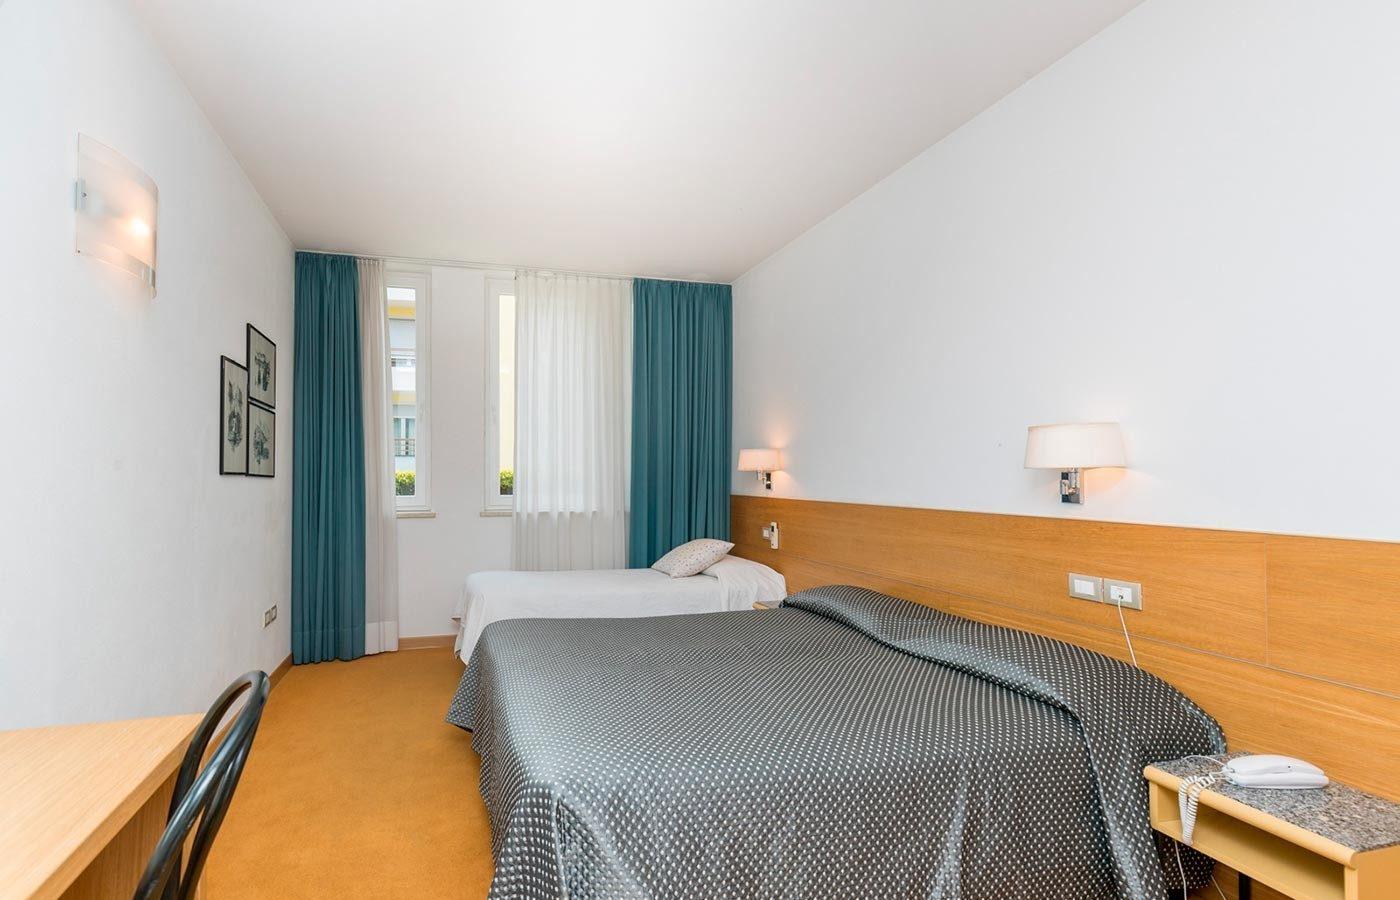 Camere tripla Hotel Caminetto di Torbole